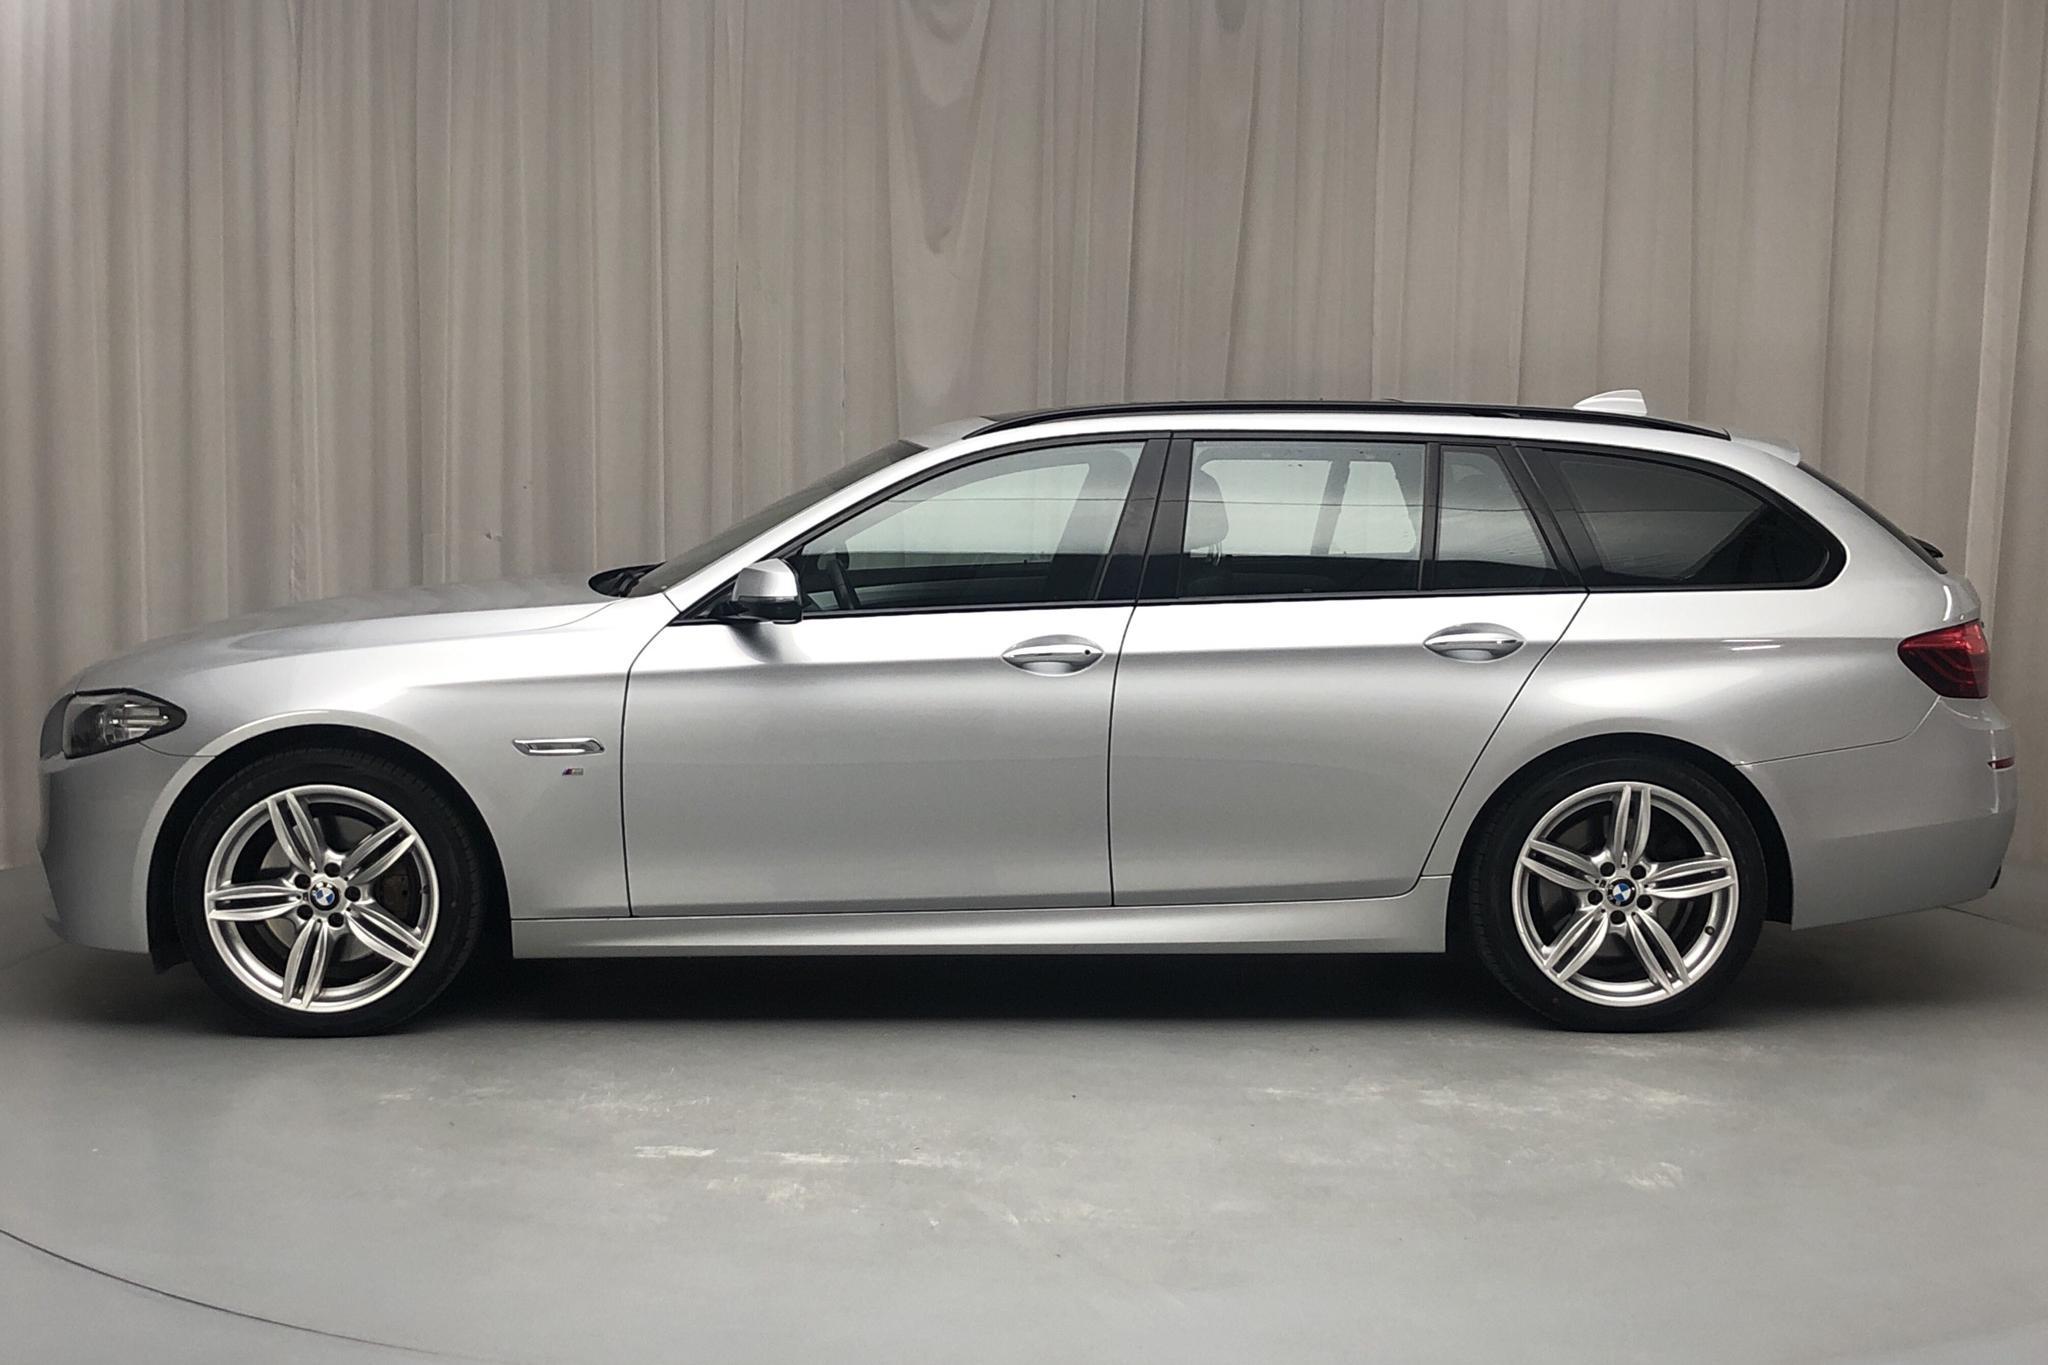 BMW 530d xDrive Touring, F11 (258hk) - 84 330 km - Automatic - silver - 2015